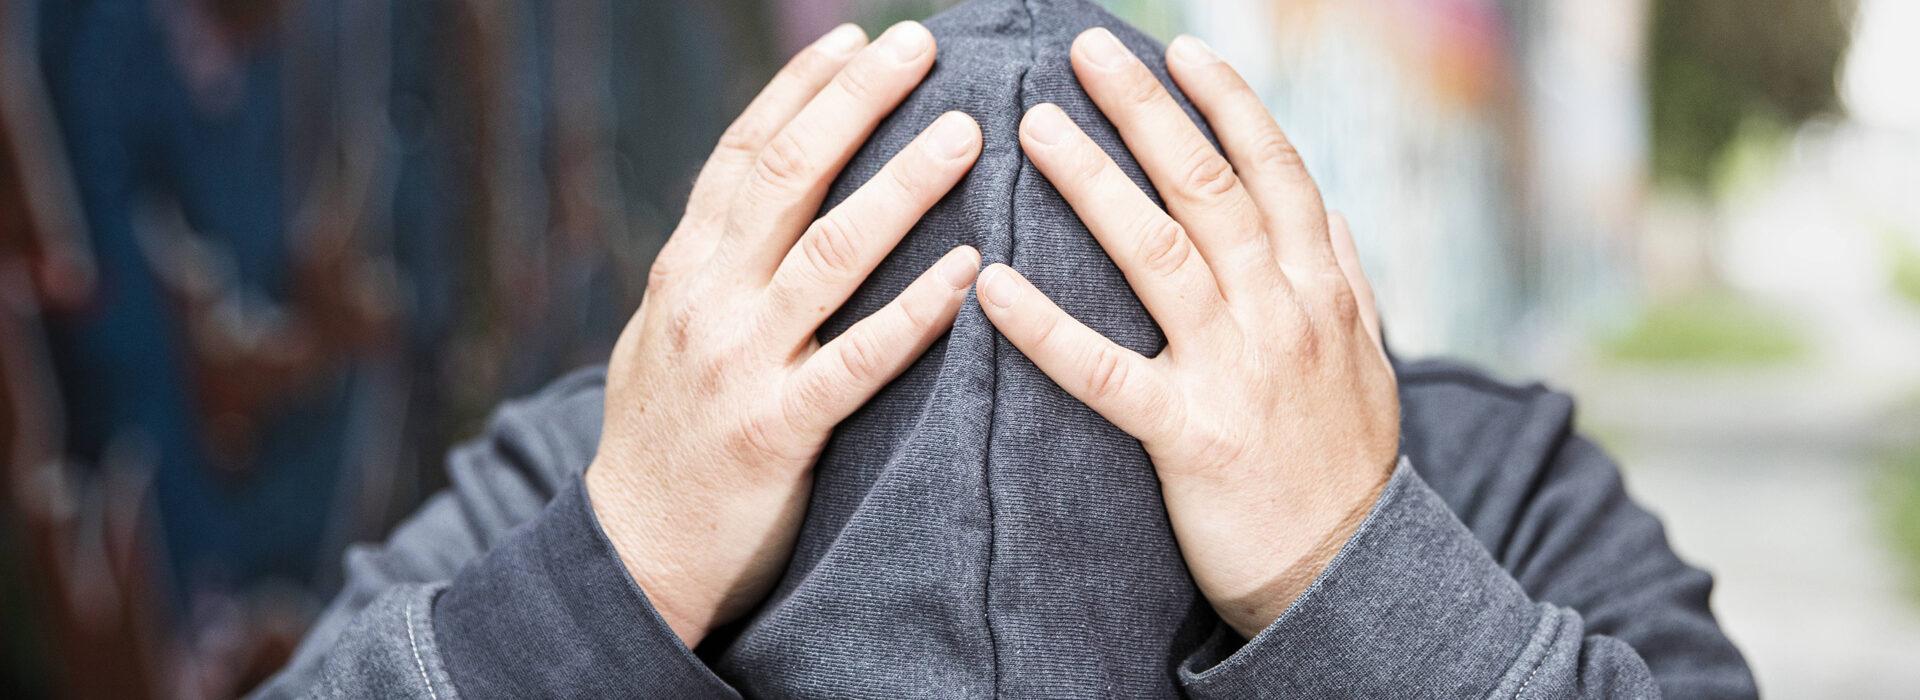 Foto: Hände halten den Kopf mit einer Kapuze- Inobhutnahme